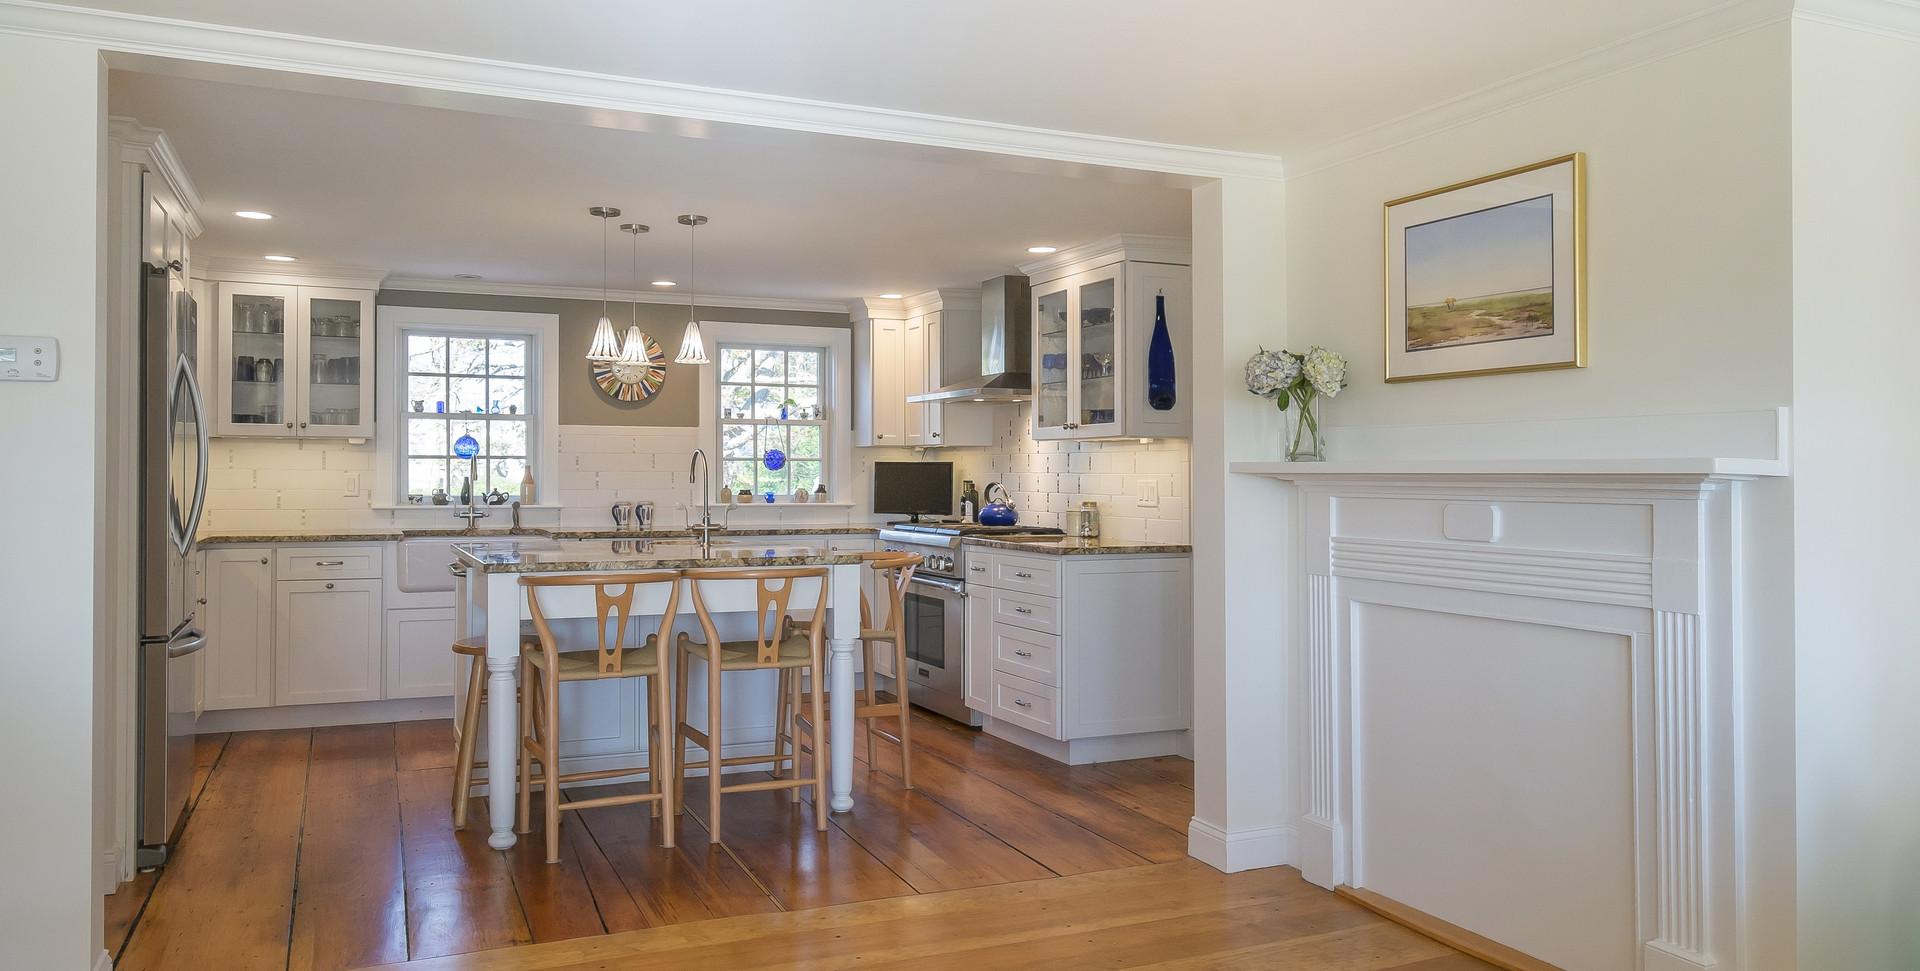 Old Village, Chatham,MA Historic Preservation Remodel, Kitchen remodel